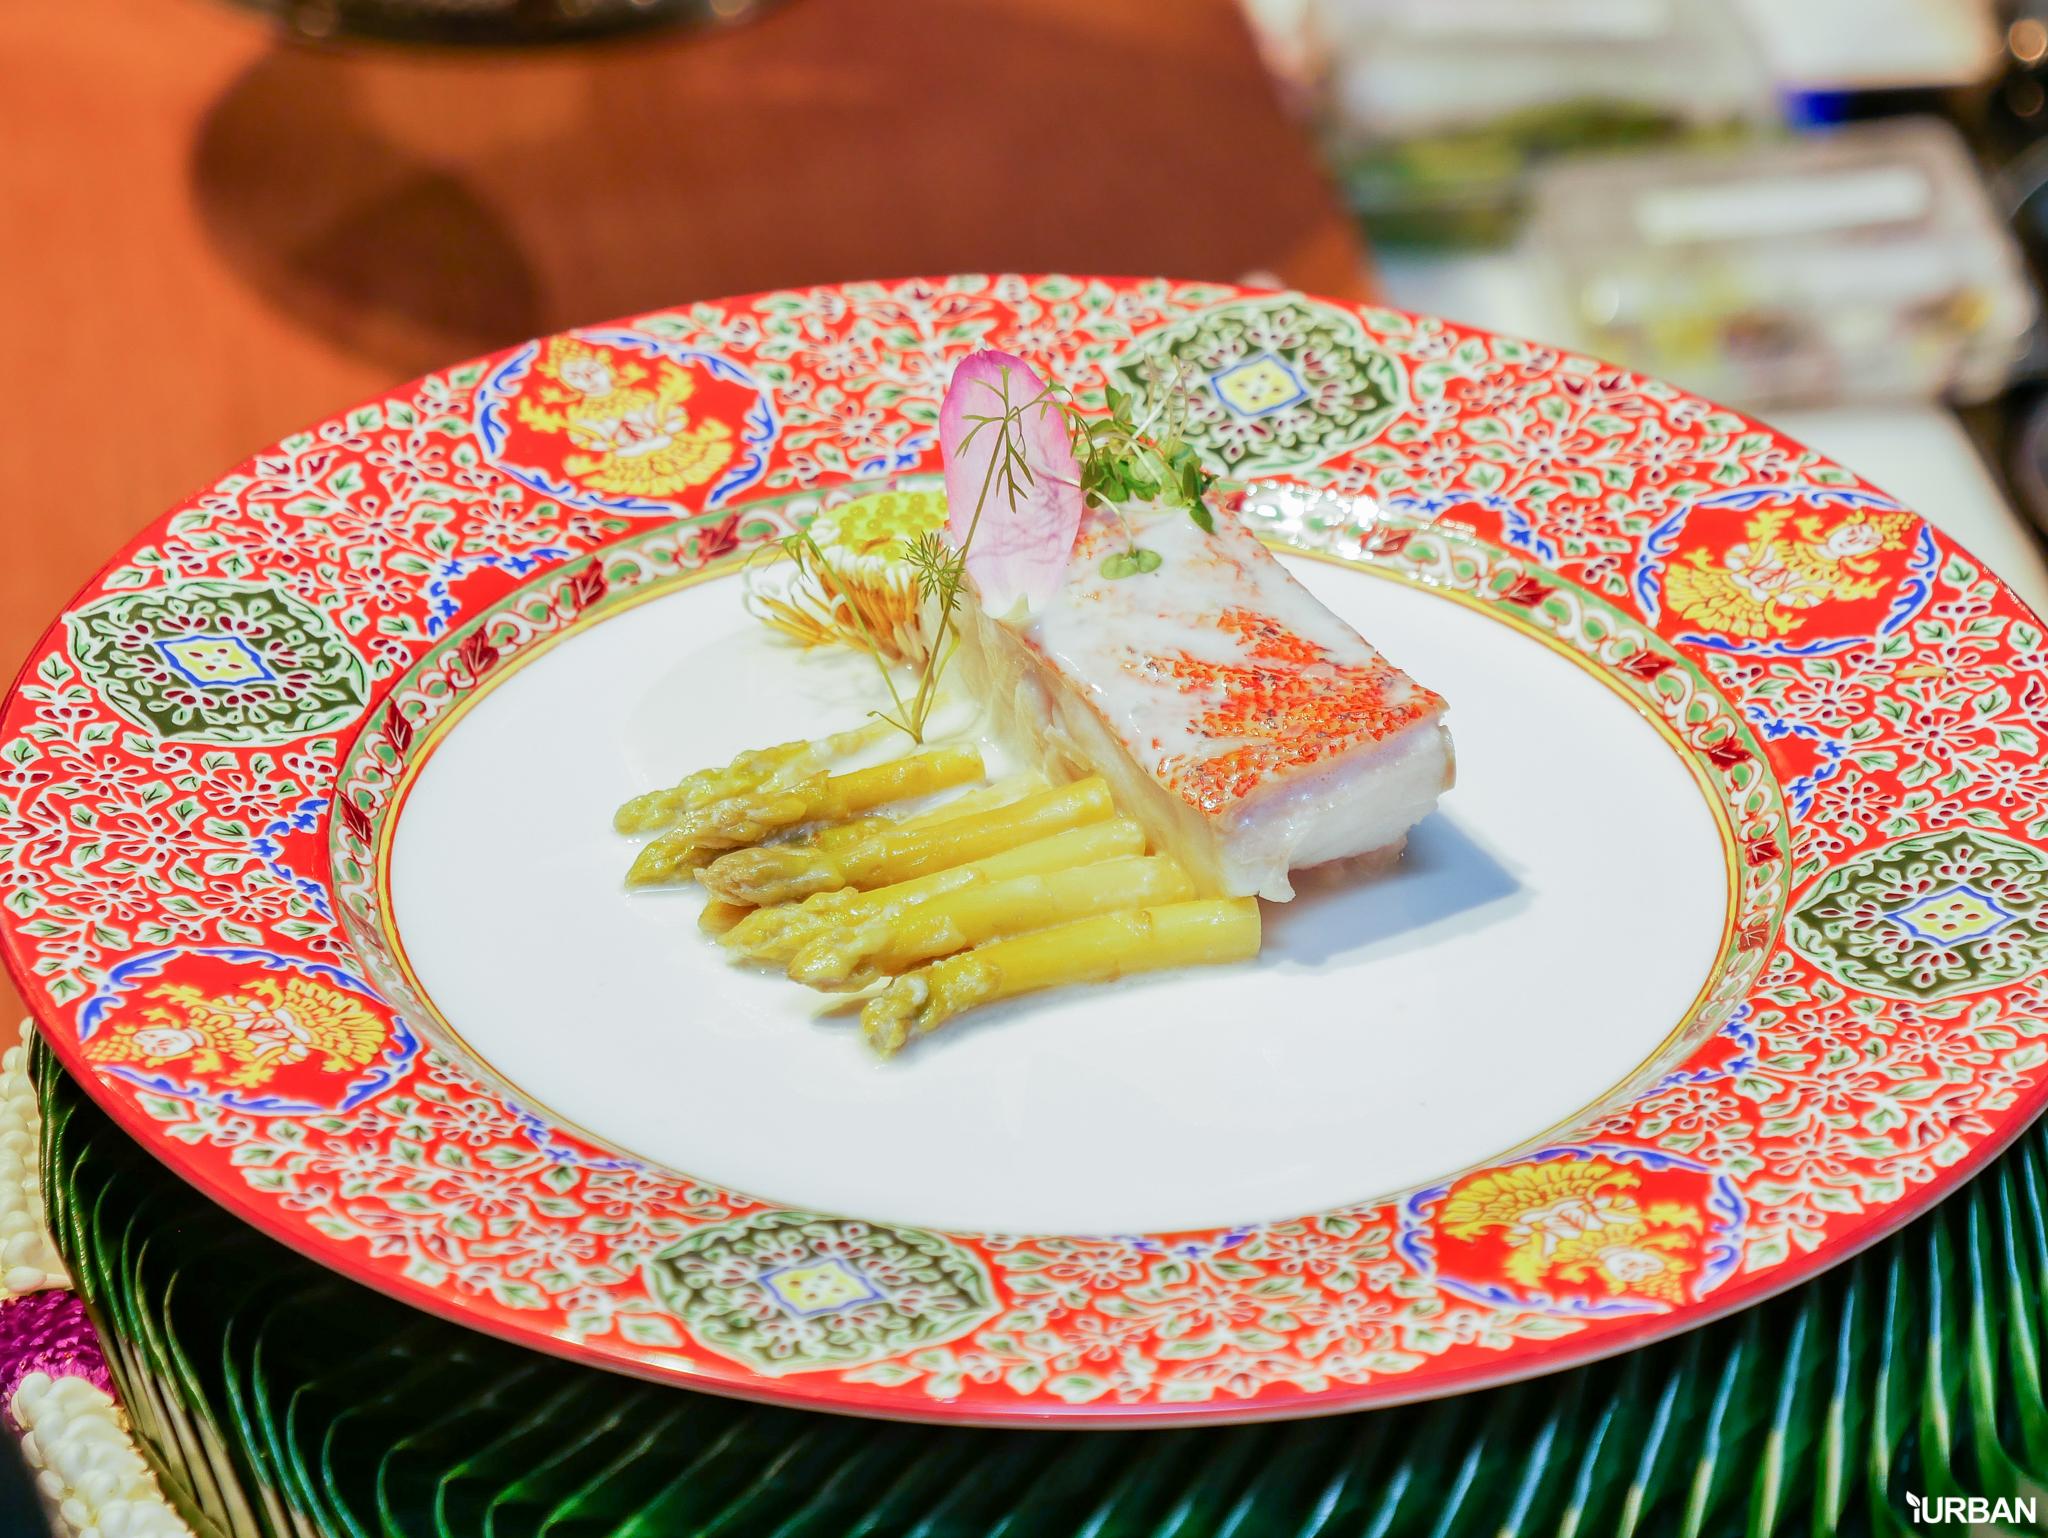 """สร้างช่วงเวลาสุดพิเศษไปกับ """"Sansiri Chef Your Table"""" ที่ให้คุณได้ลิ้มรสอาหารฝีมือเชฟระดับประเทศถึงบ้านคุณ! 34 - Chef"""